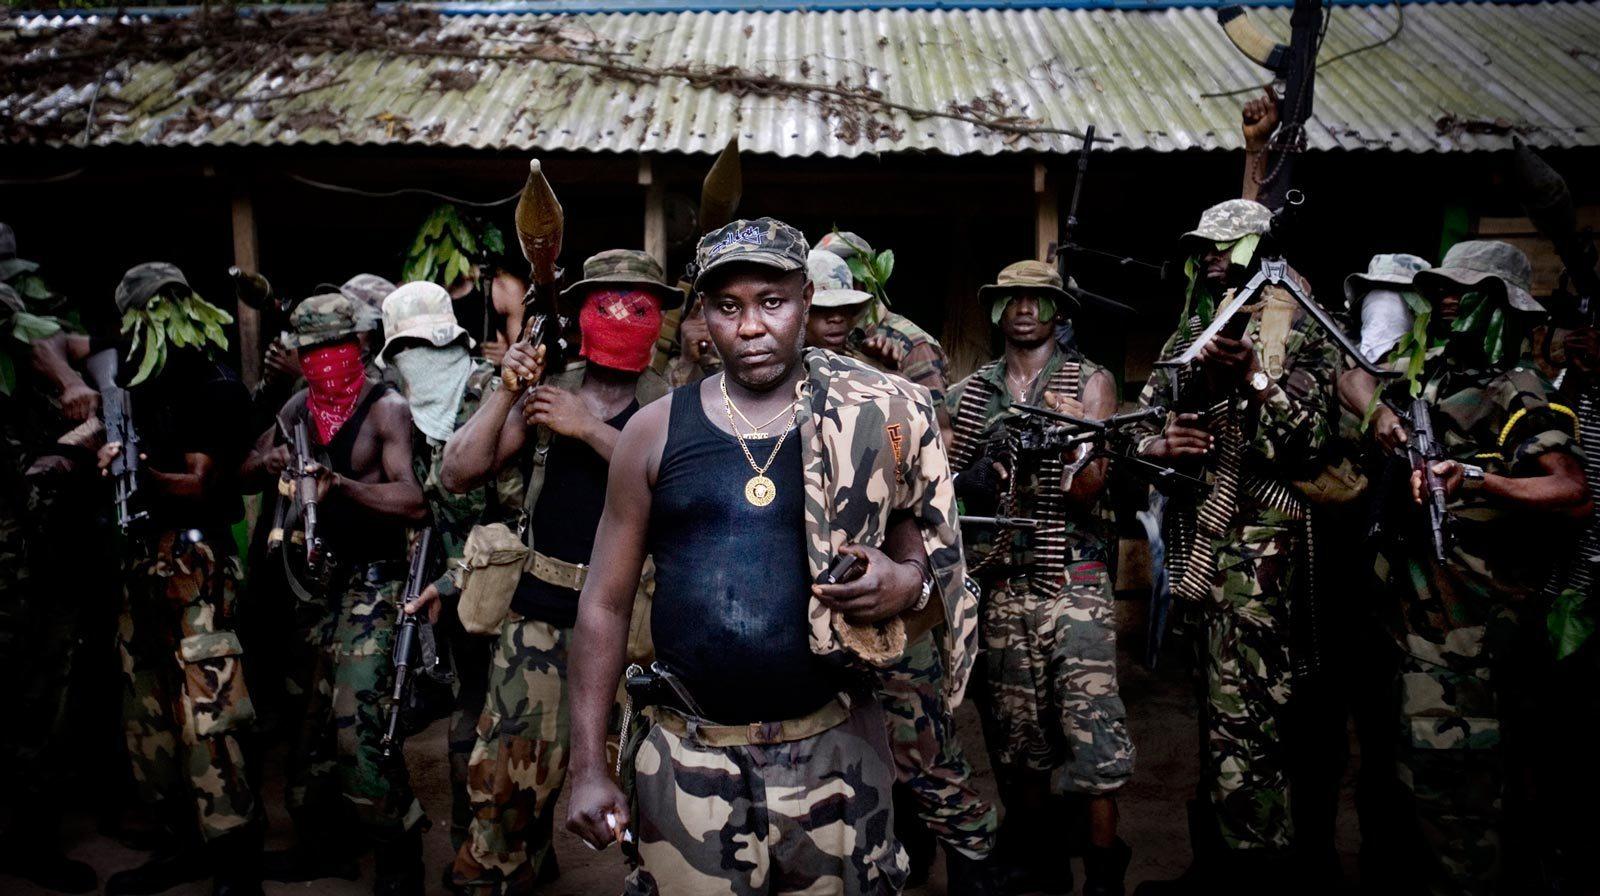 нигерийские культы студенческие братства отвратительные мужики disgustng men